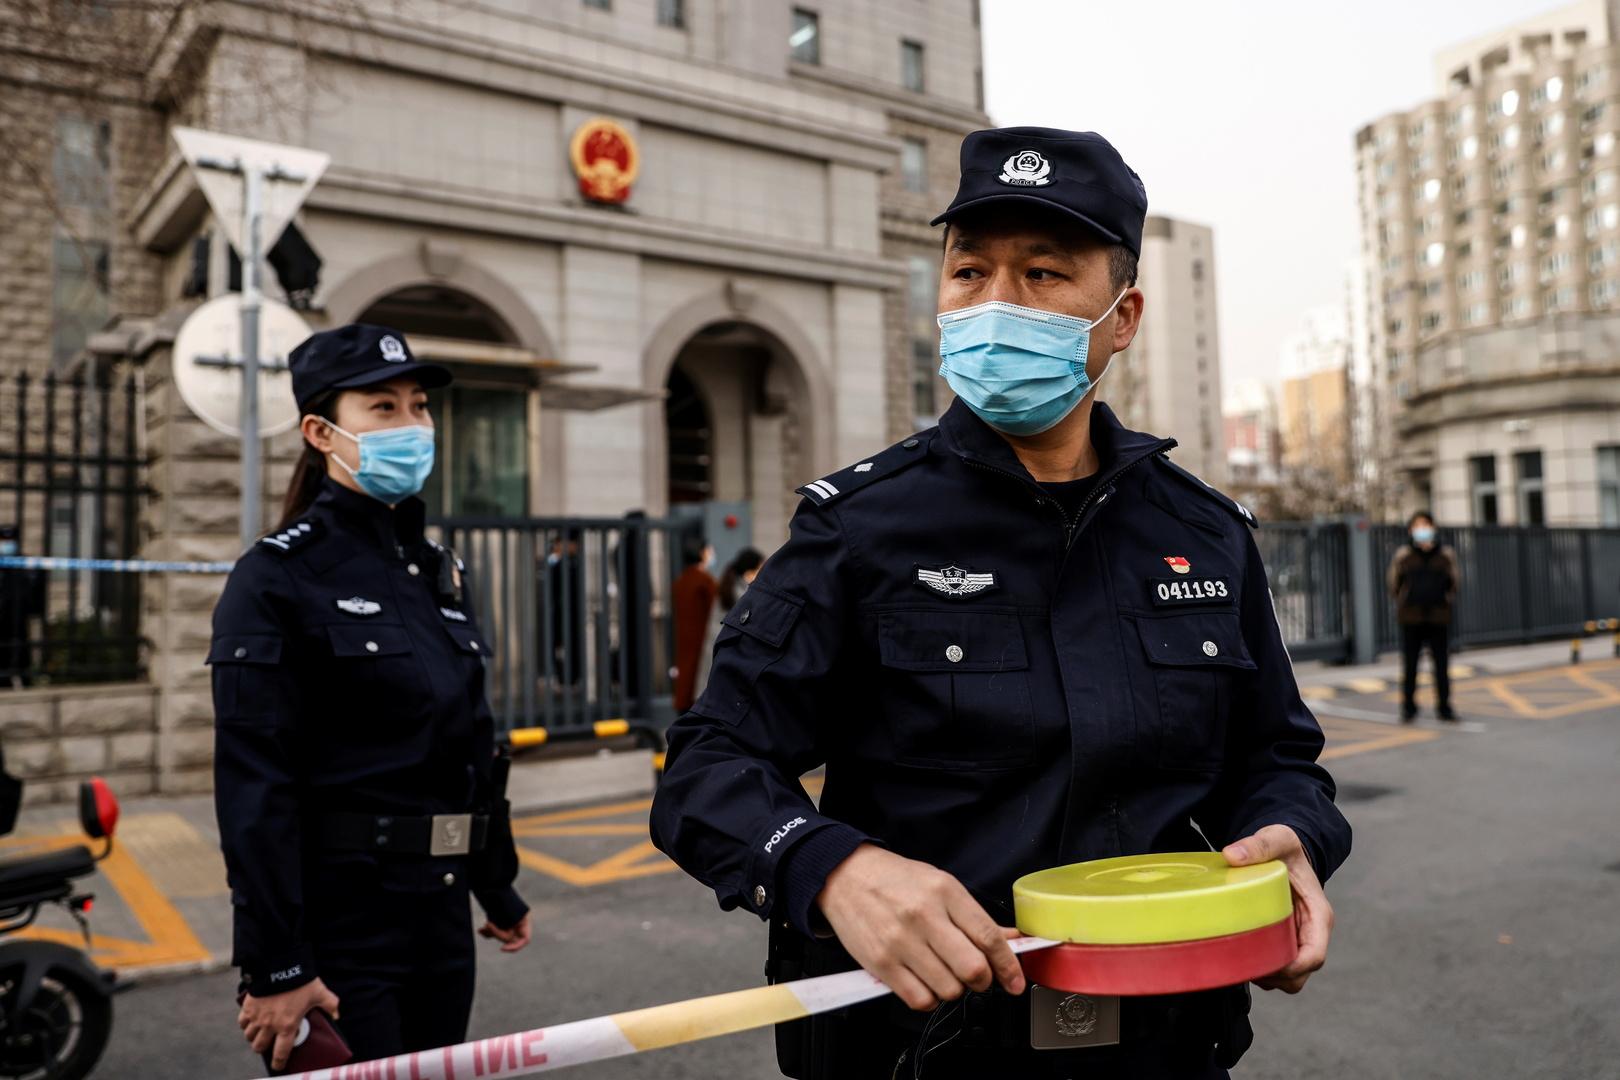 5 قتلى و15 مصابا جراء هجوم بسكين في الصين